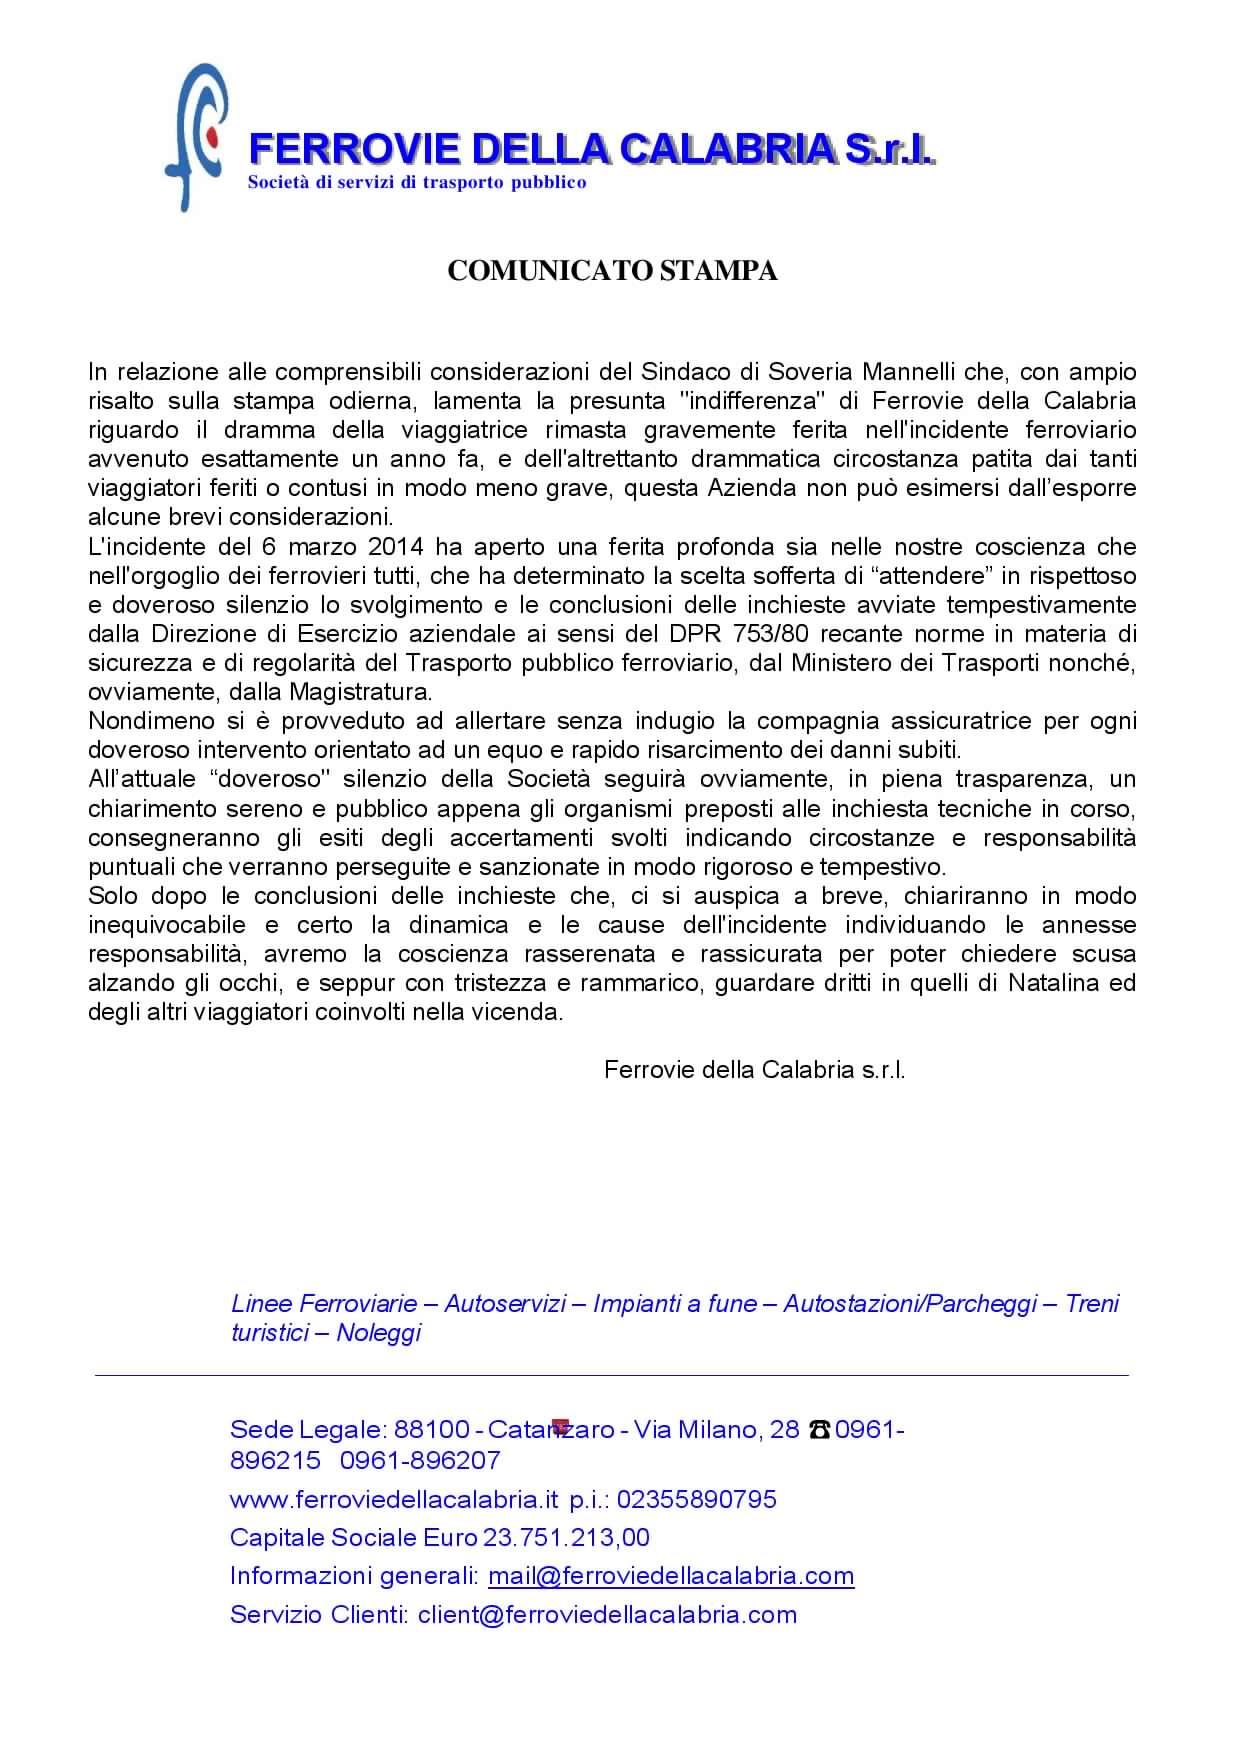 Comunicato-Stampa-FC